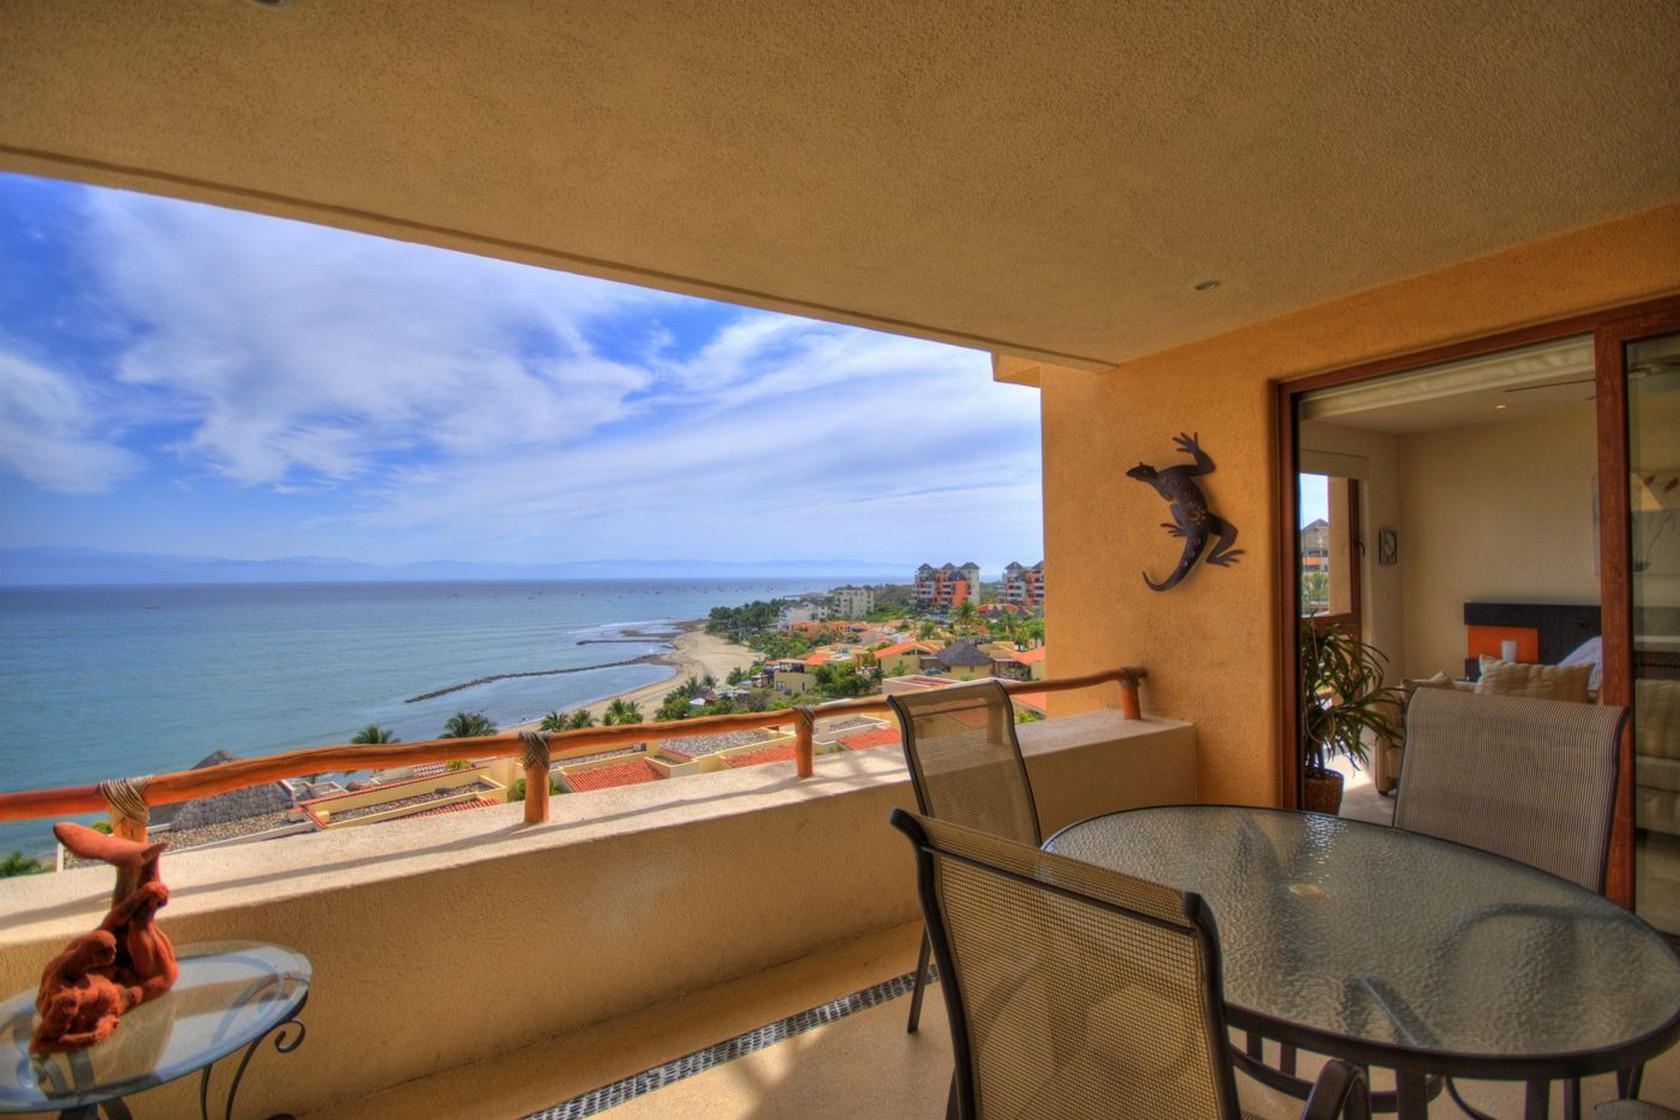 Terraza con vista al mar Departamento en venta Punta Esmeralda Resort La Cruz de Huanacaxtle